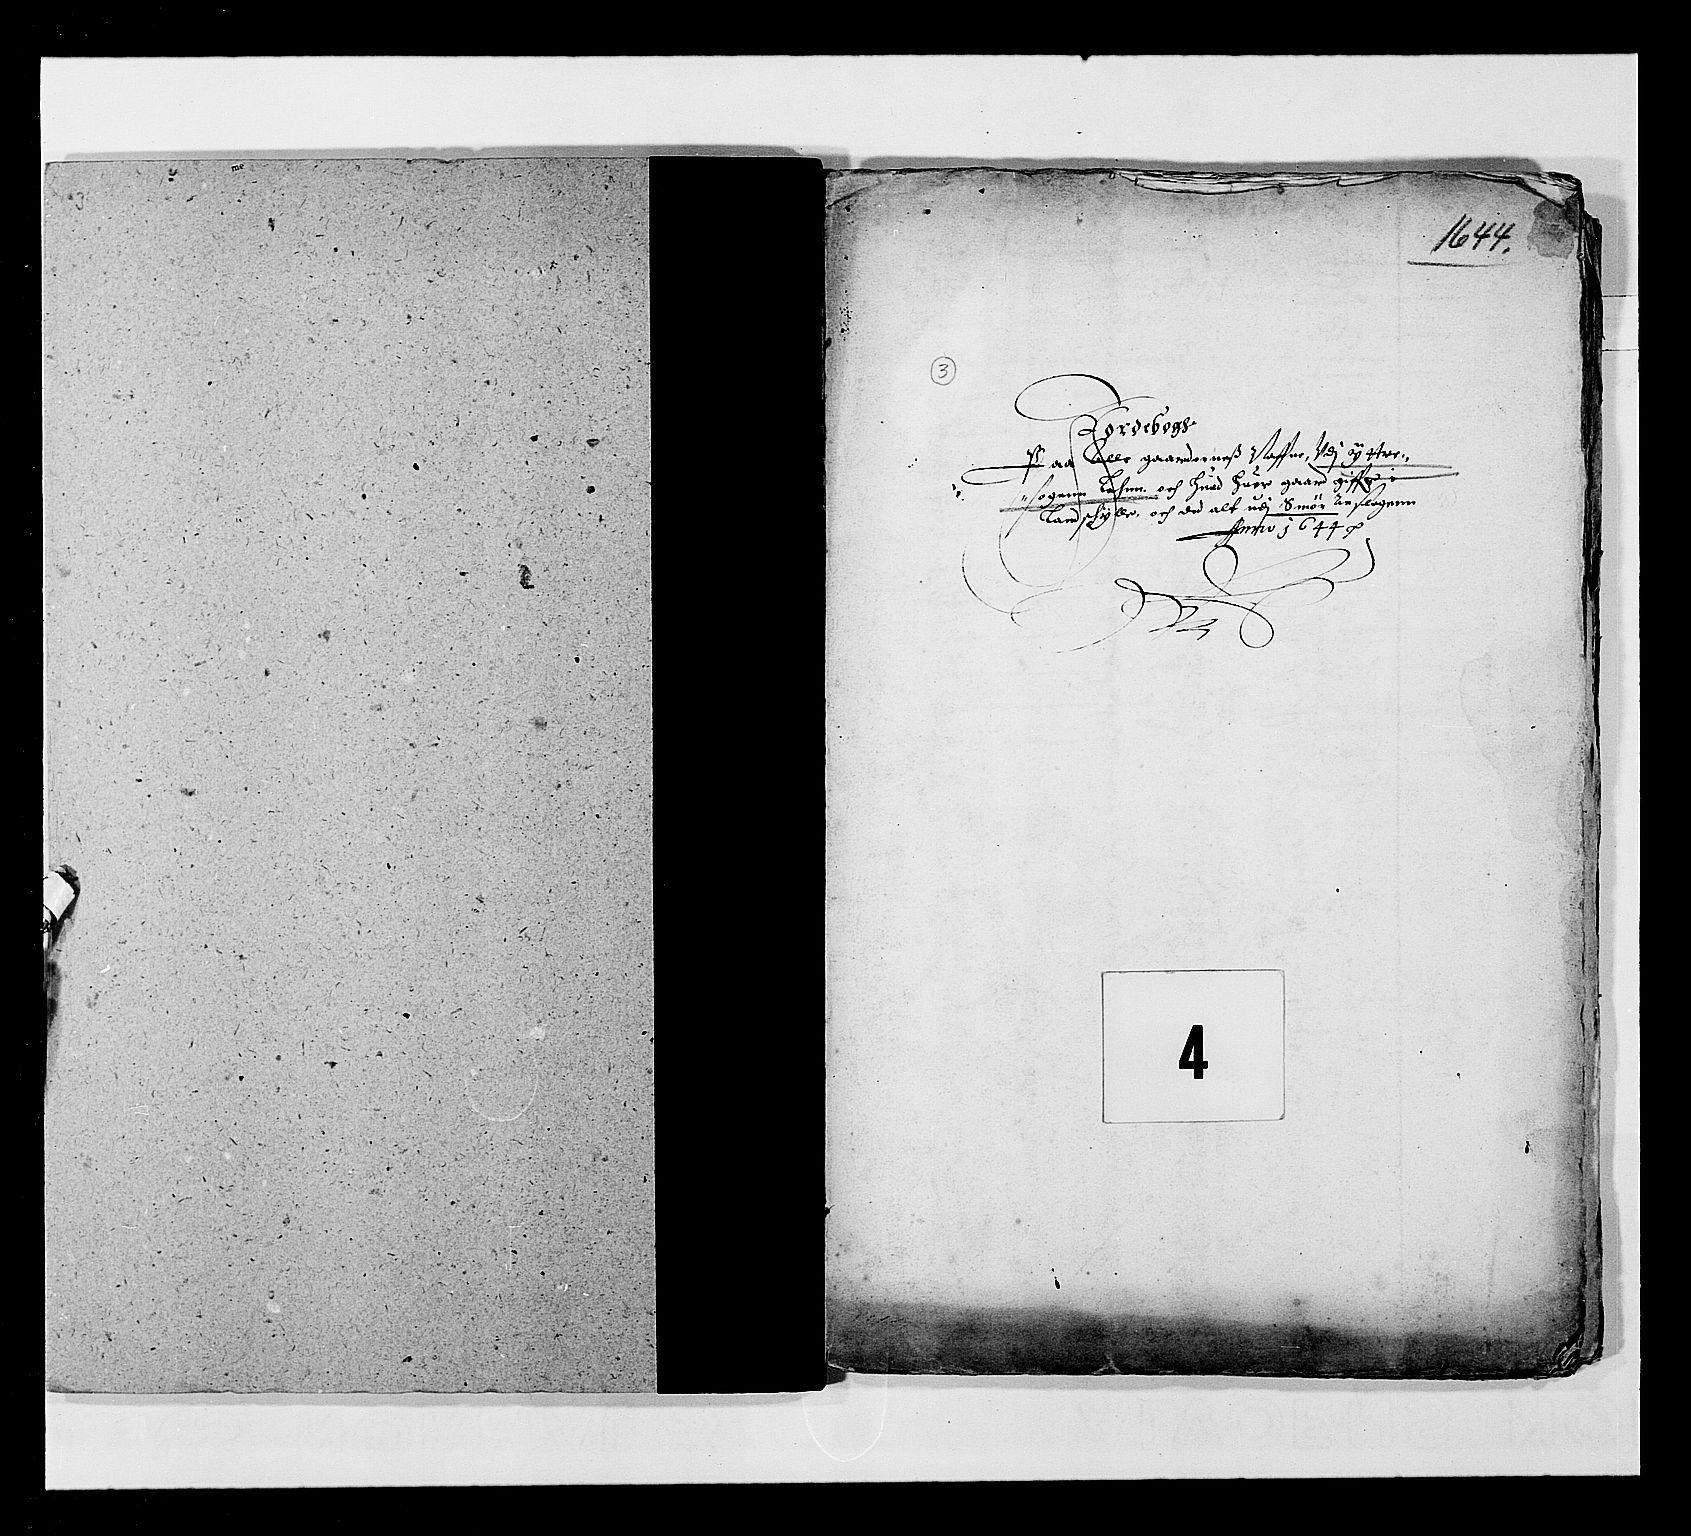 RA, Stattholderembetet 1572-1771, Ek/L0024: Jordebøker 1633-1658:, 1644, s. 24